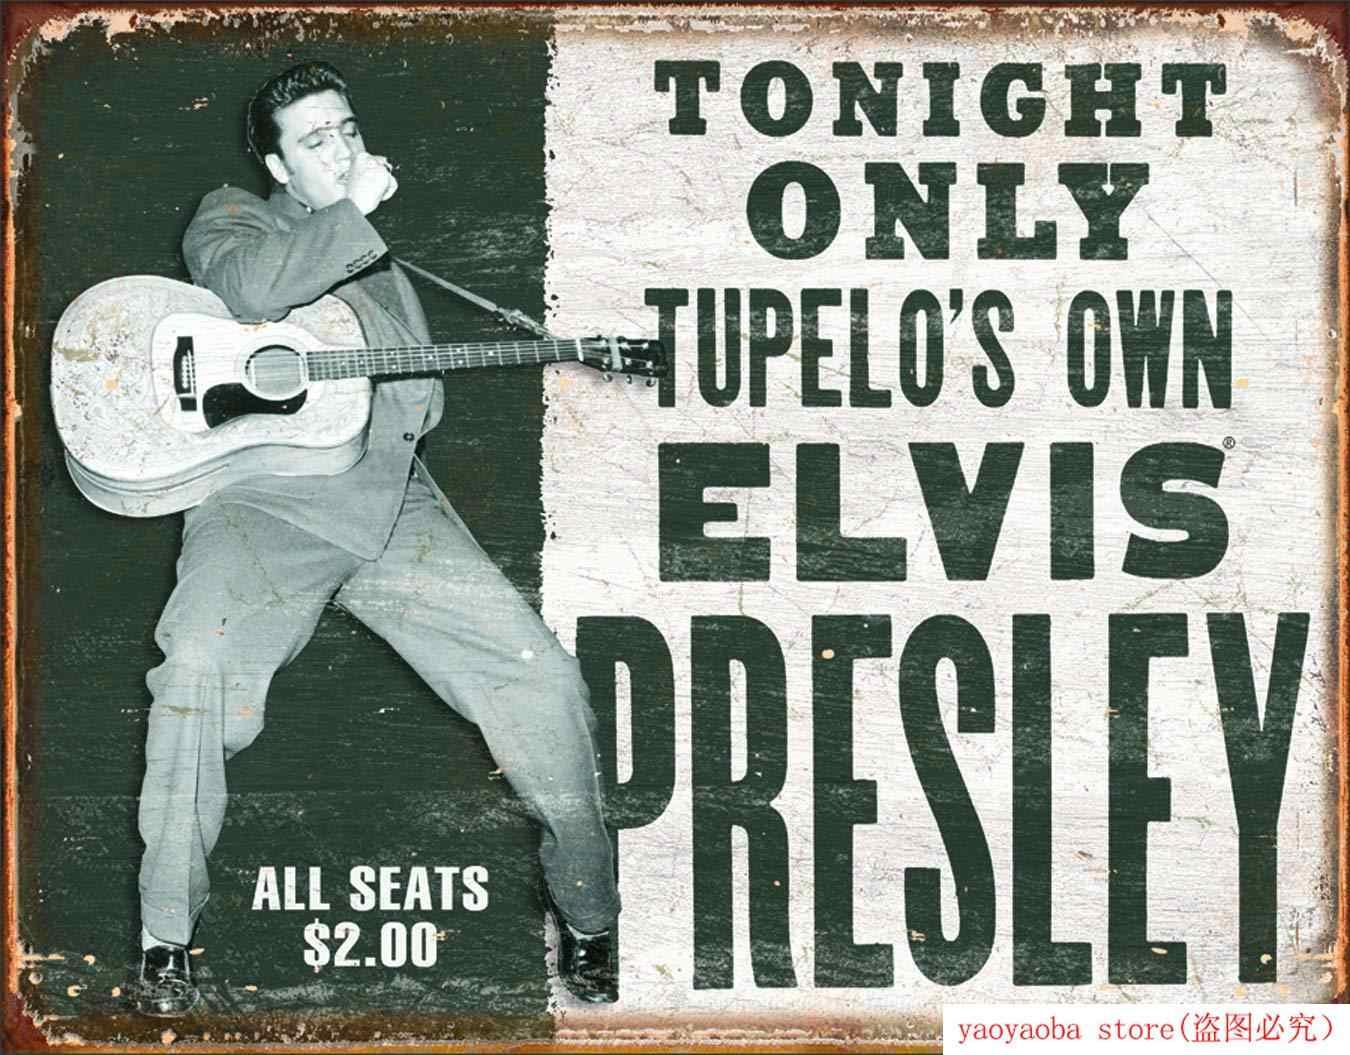 Zdesperowane przedsiębiorstwa Elvis presley-własny znak blaszany Metal malowany cynowy znak blaszany dekoracje ścienne deska Retro Pub i Bar plakat na blasze